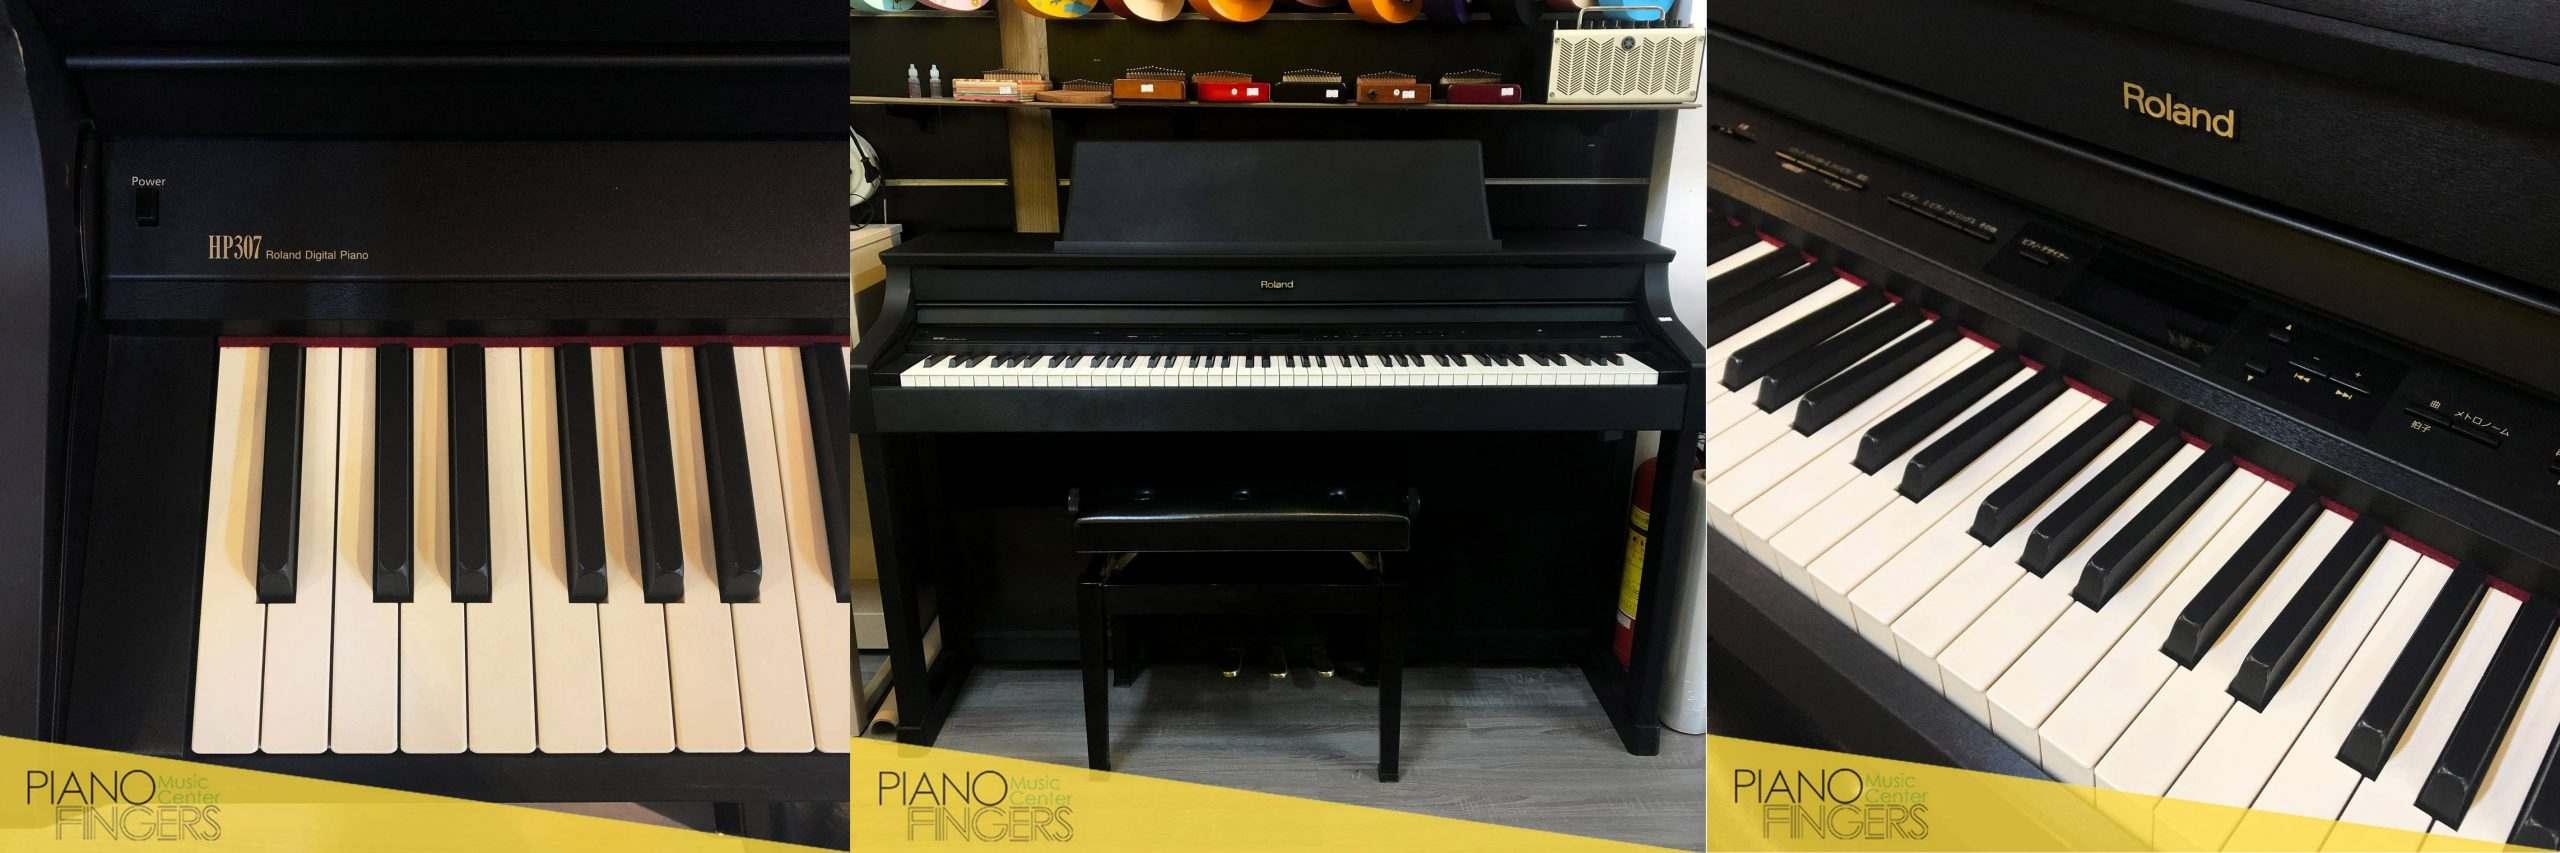 piano-dien-roland-hp-307